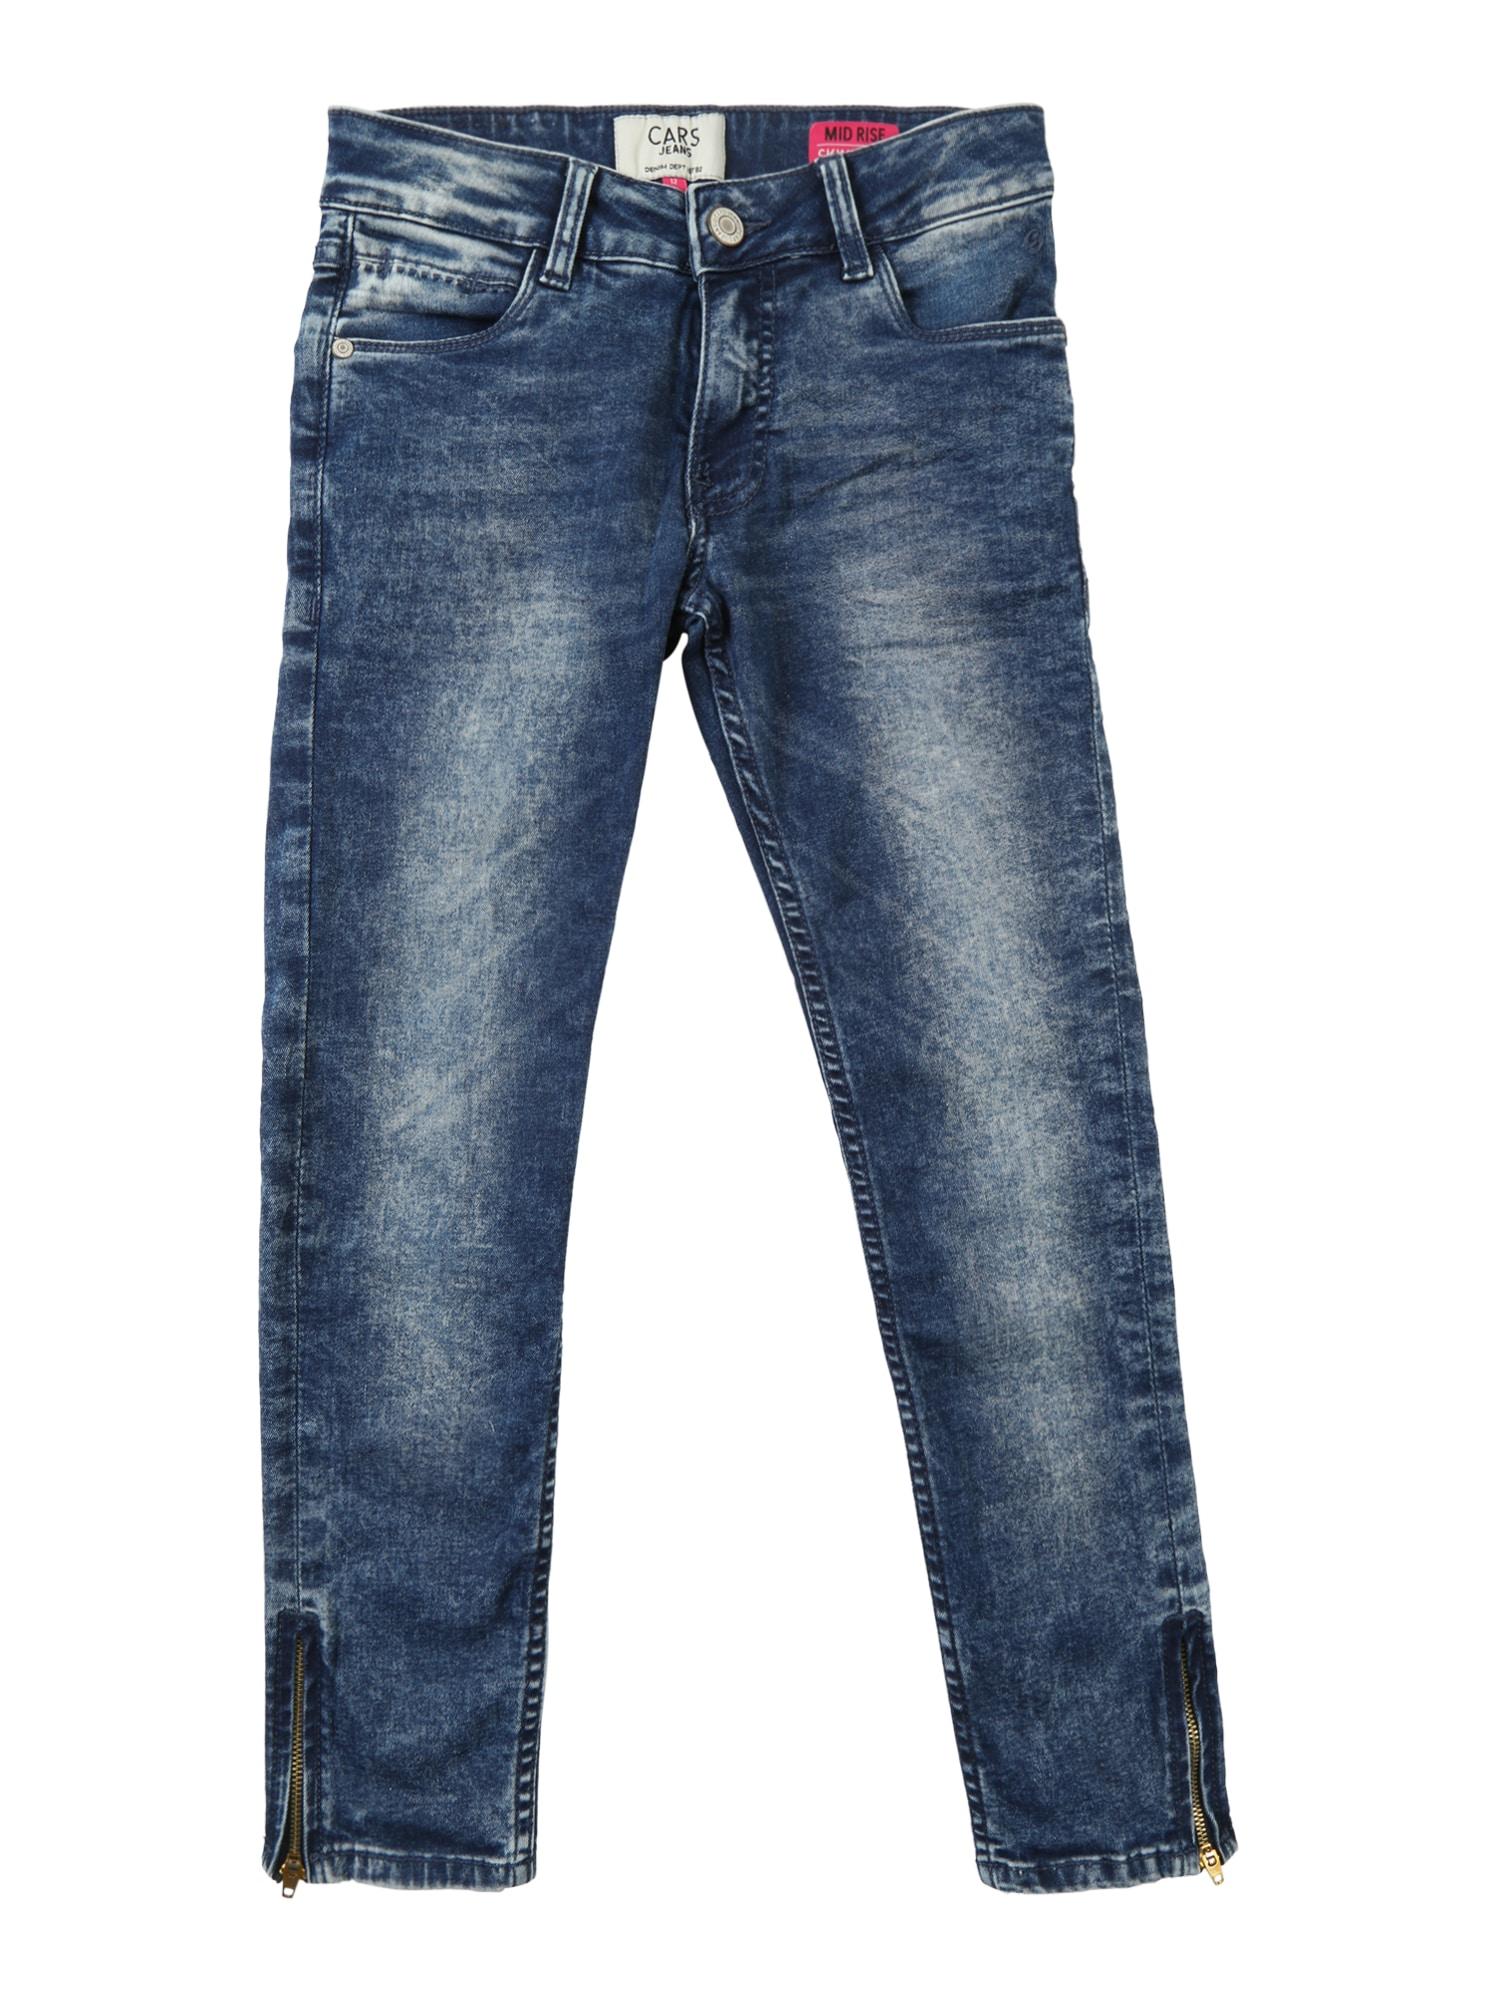 Džíny Pearl modrá džínovina Cars Jeans